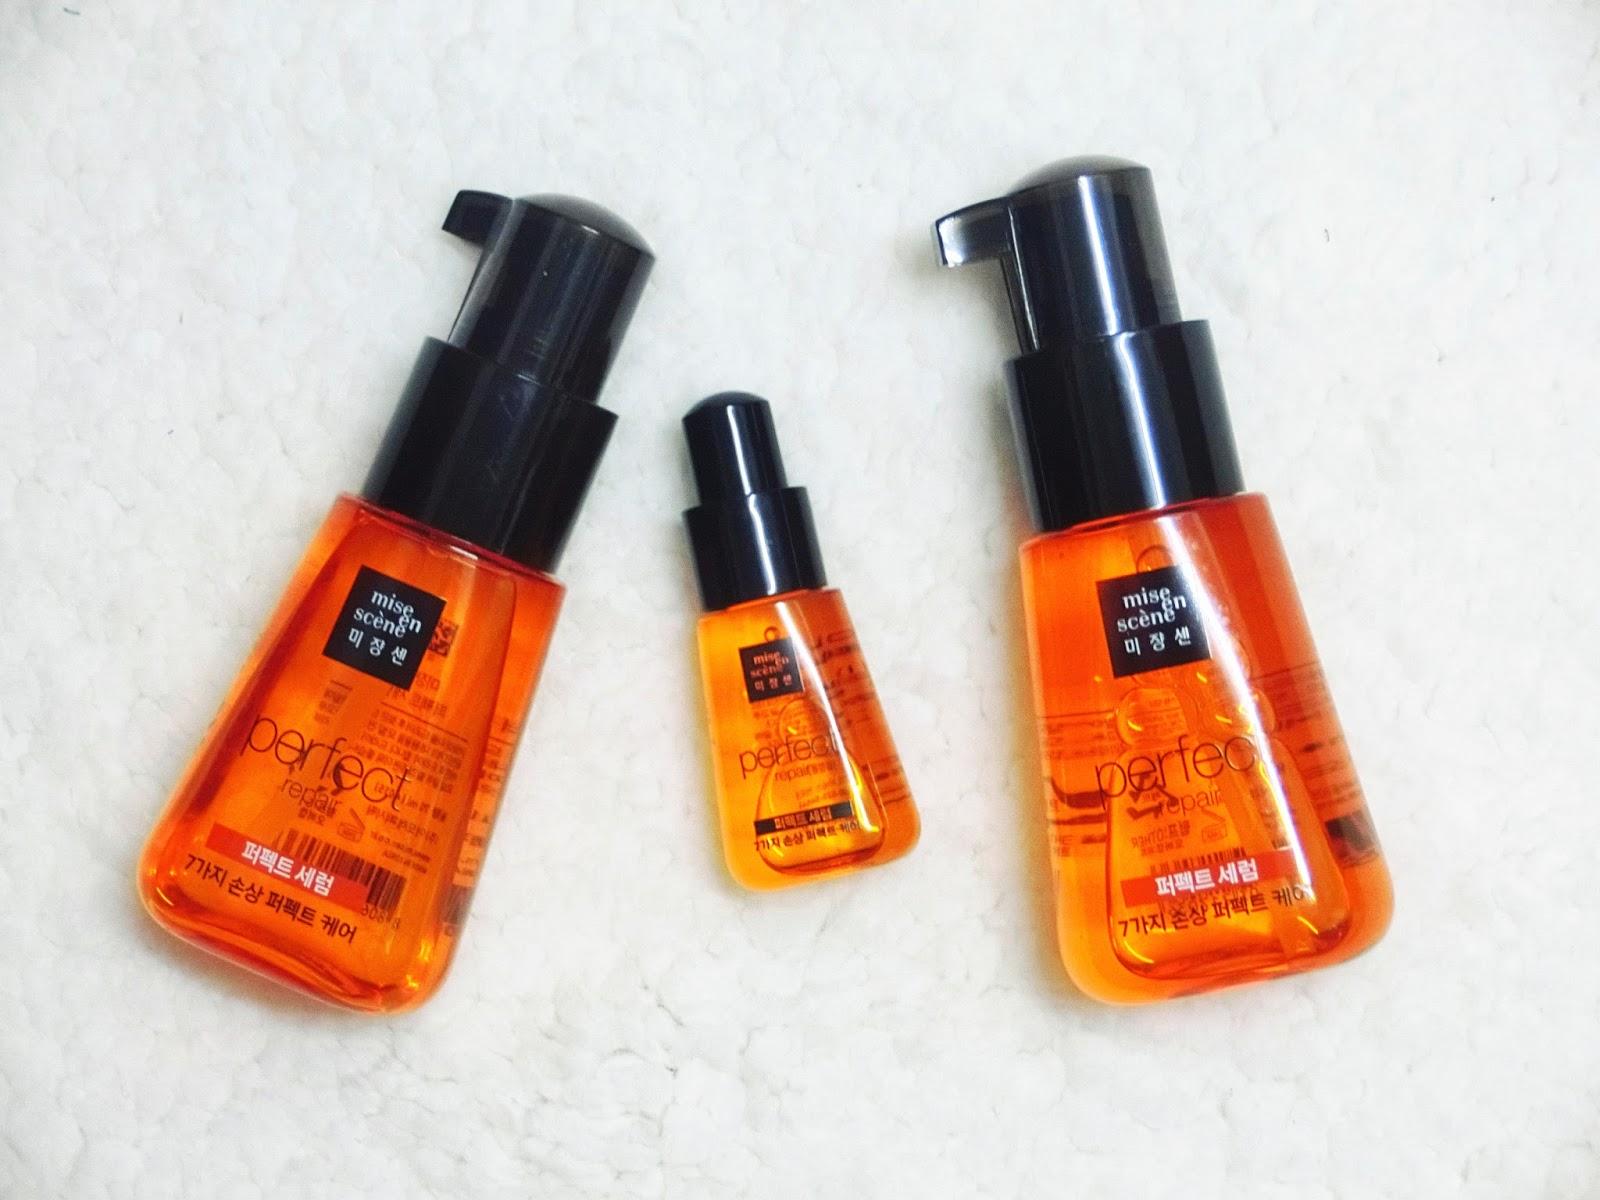 duong-toc-serum-duong-toc-mise-en-scene-perfect-repair-hair-70ml-han-quoc-2192